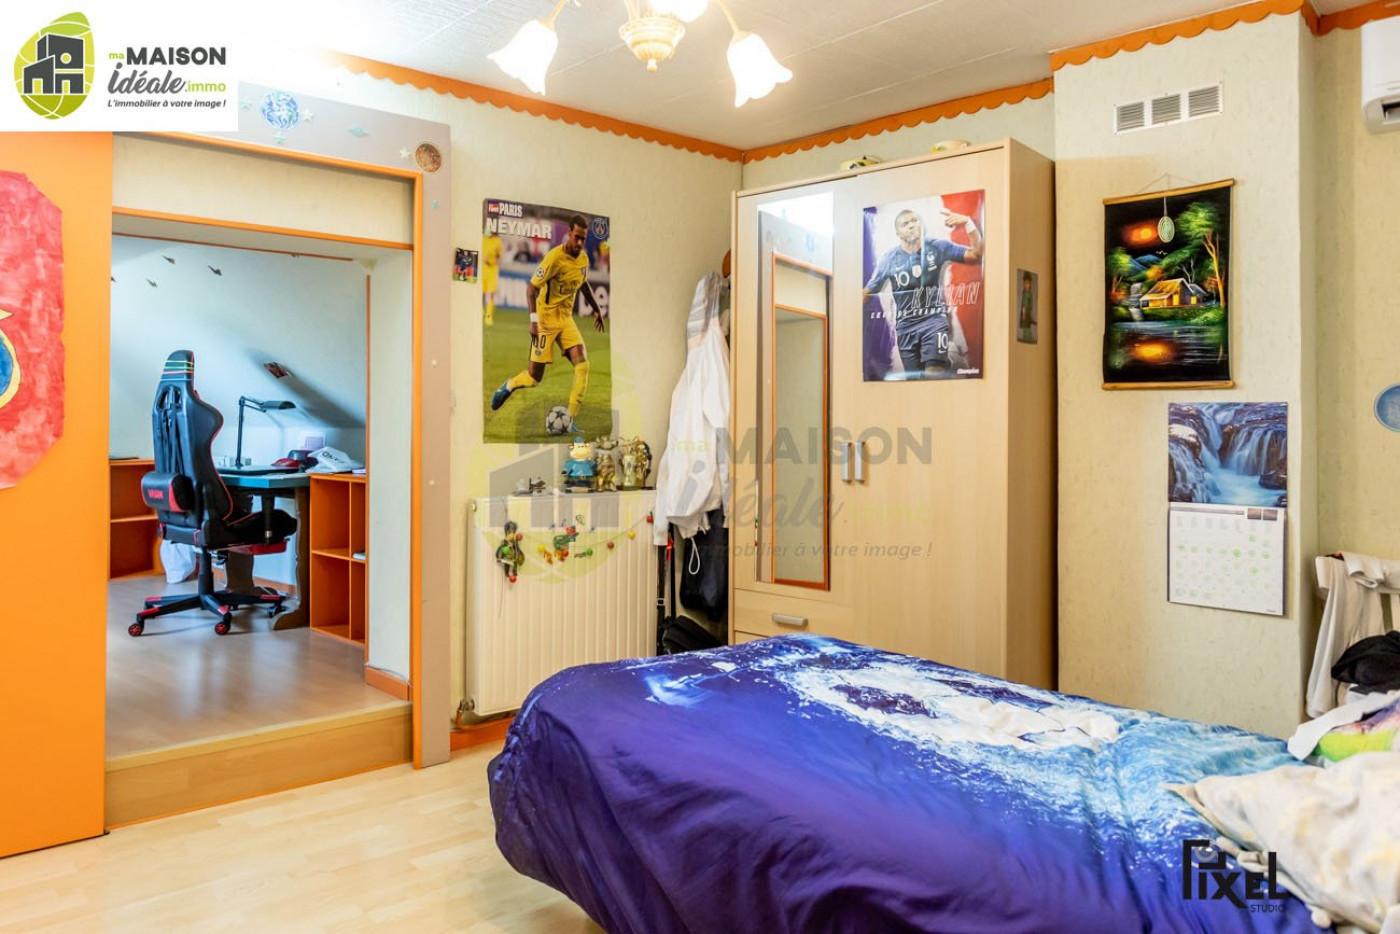 A vendre  Mehun Sur Yevre | Réf 360031014 - Ma maison ideale